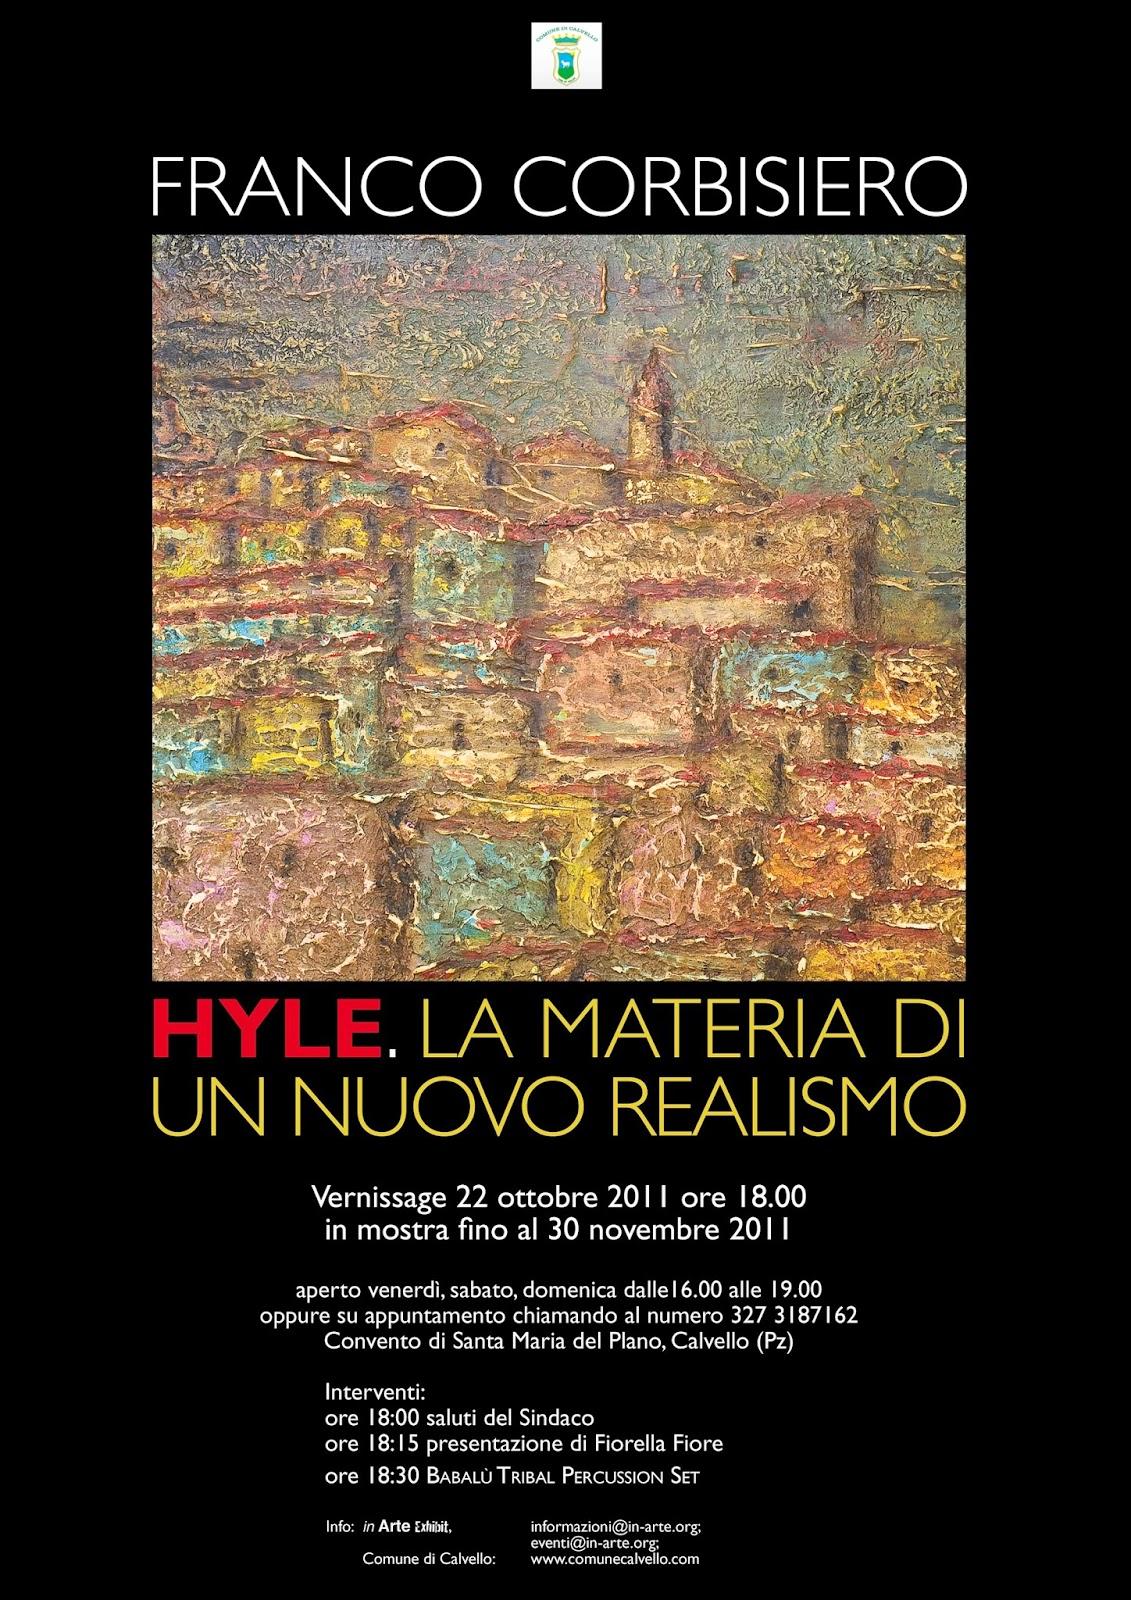 http://inarte-blog.blogspot.it/2011/10/franco-corbisiero-hyle-la-materia-di-un.html